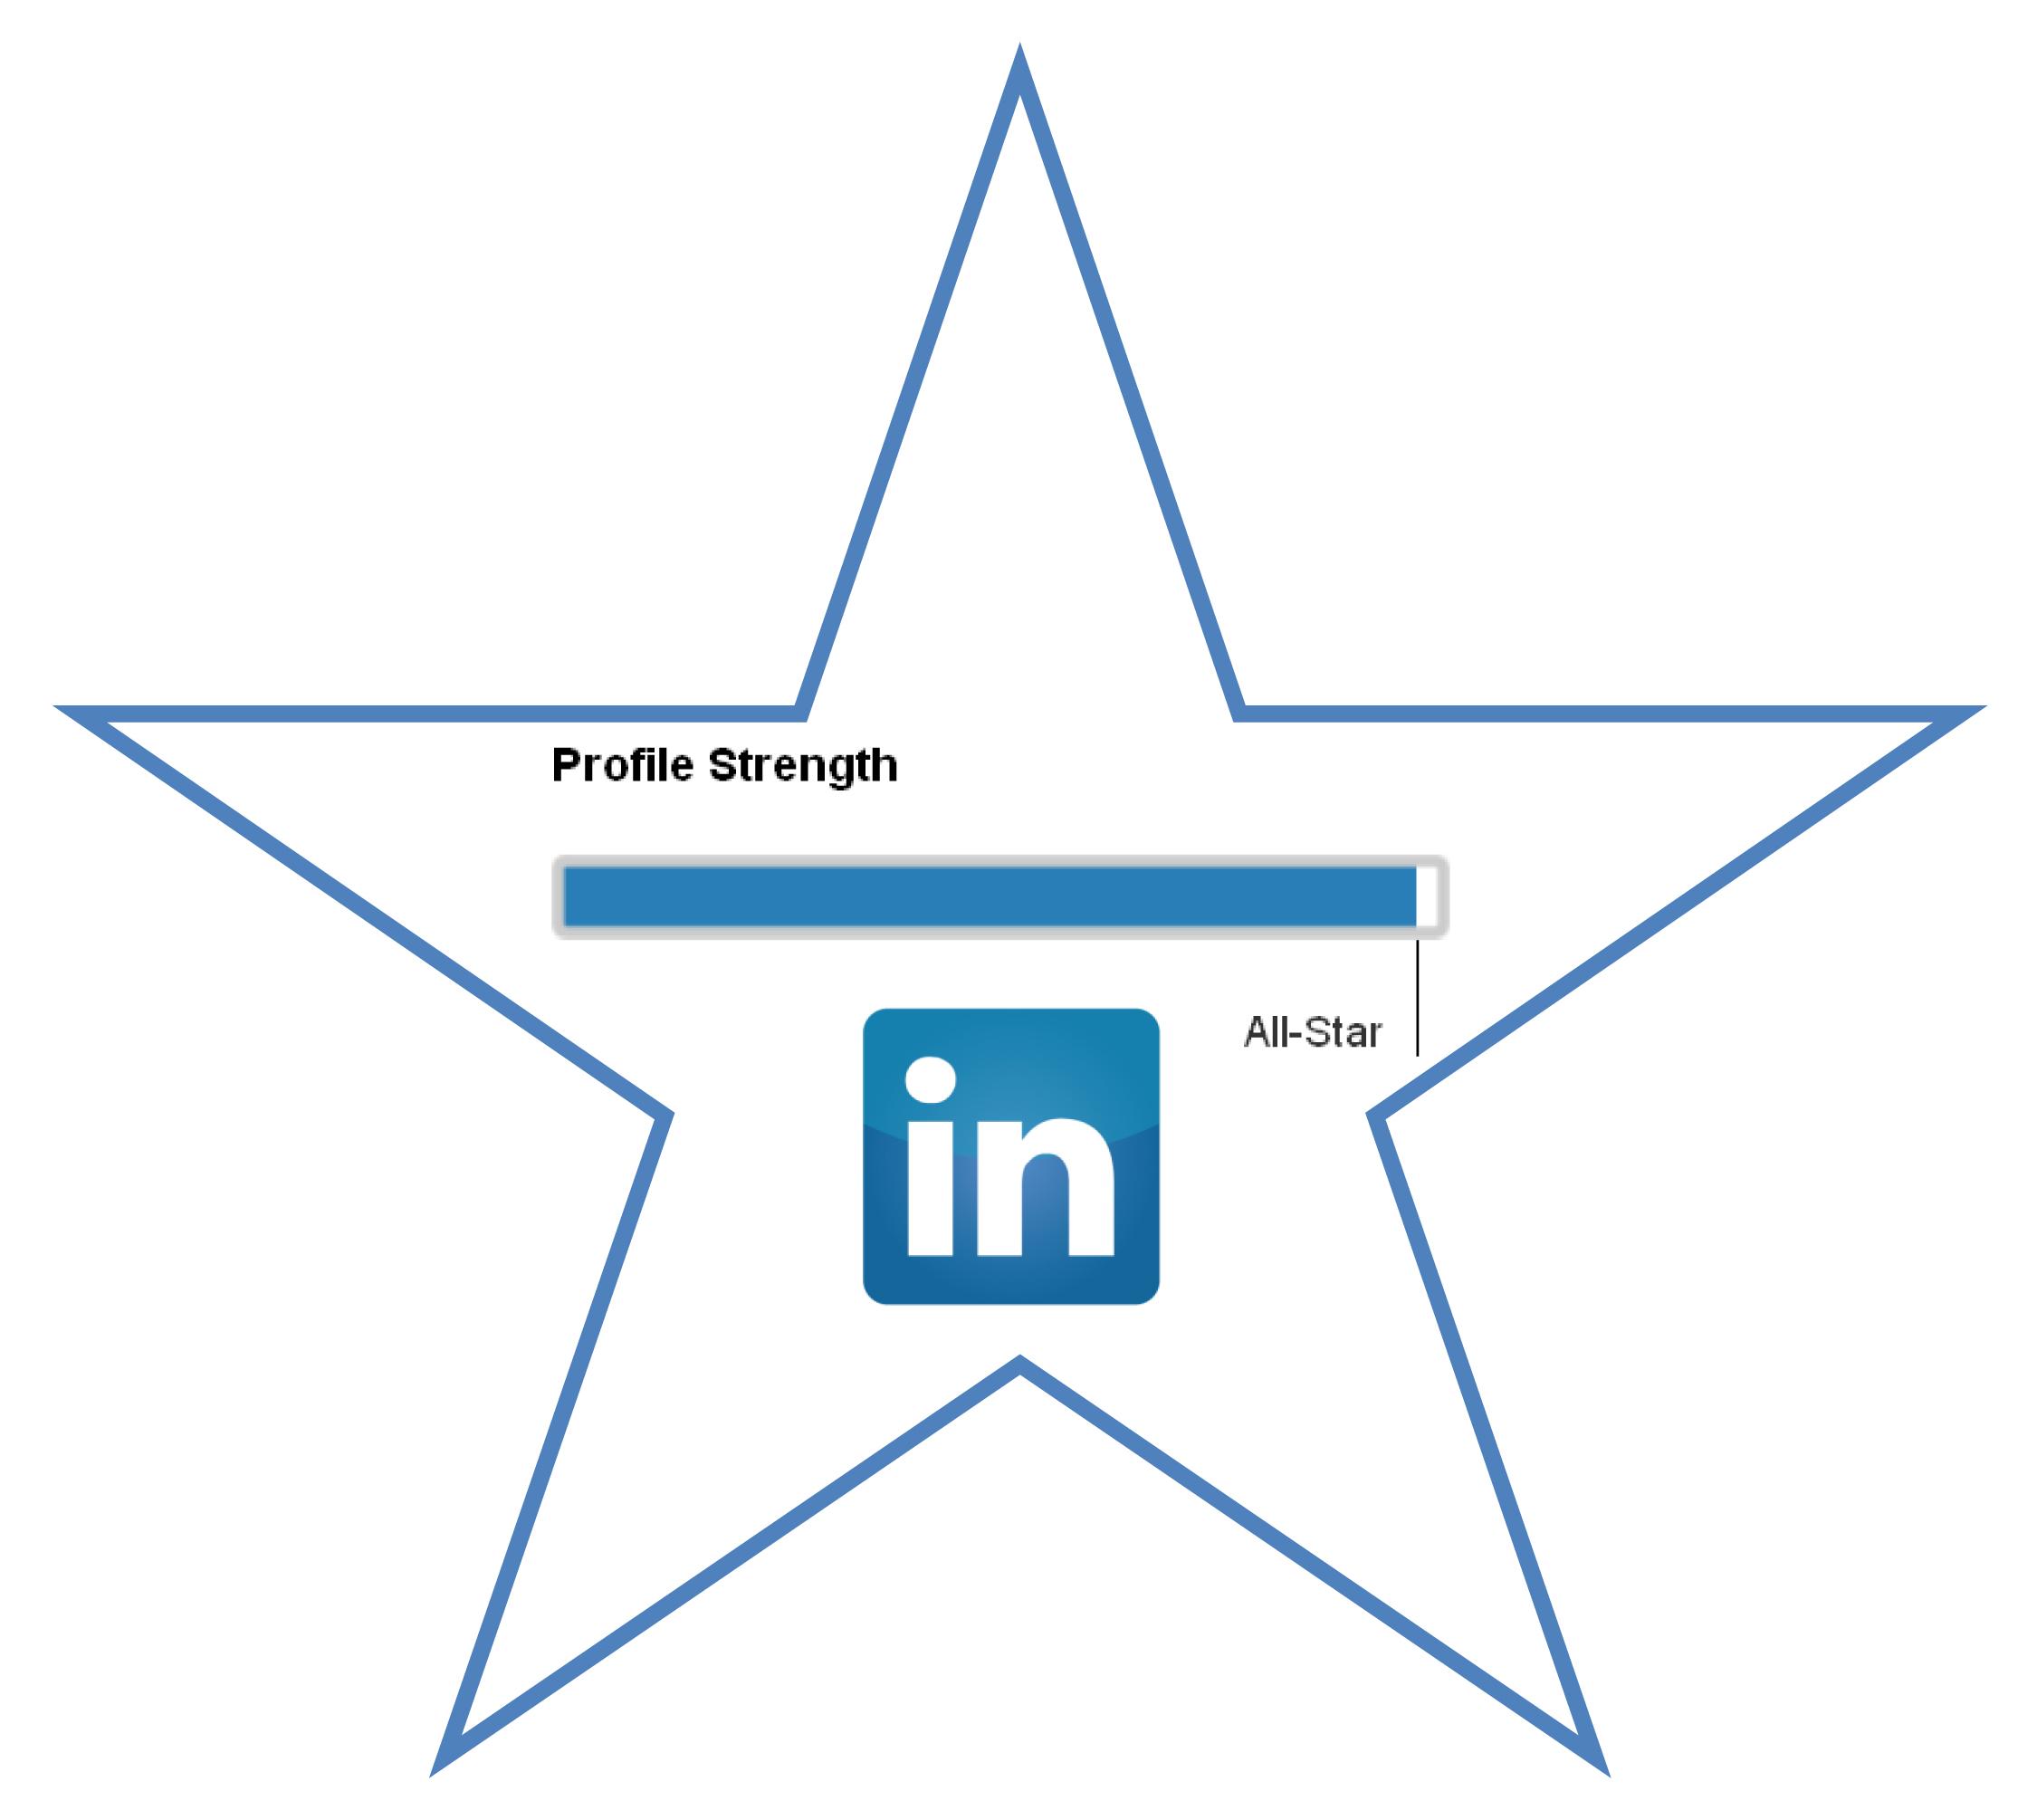 LinkedIn AllStar